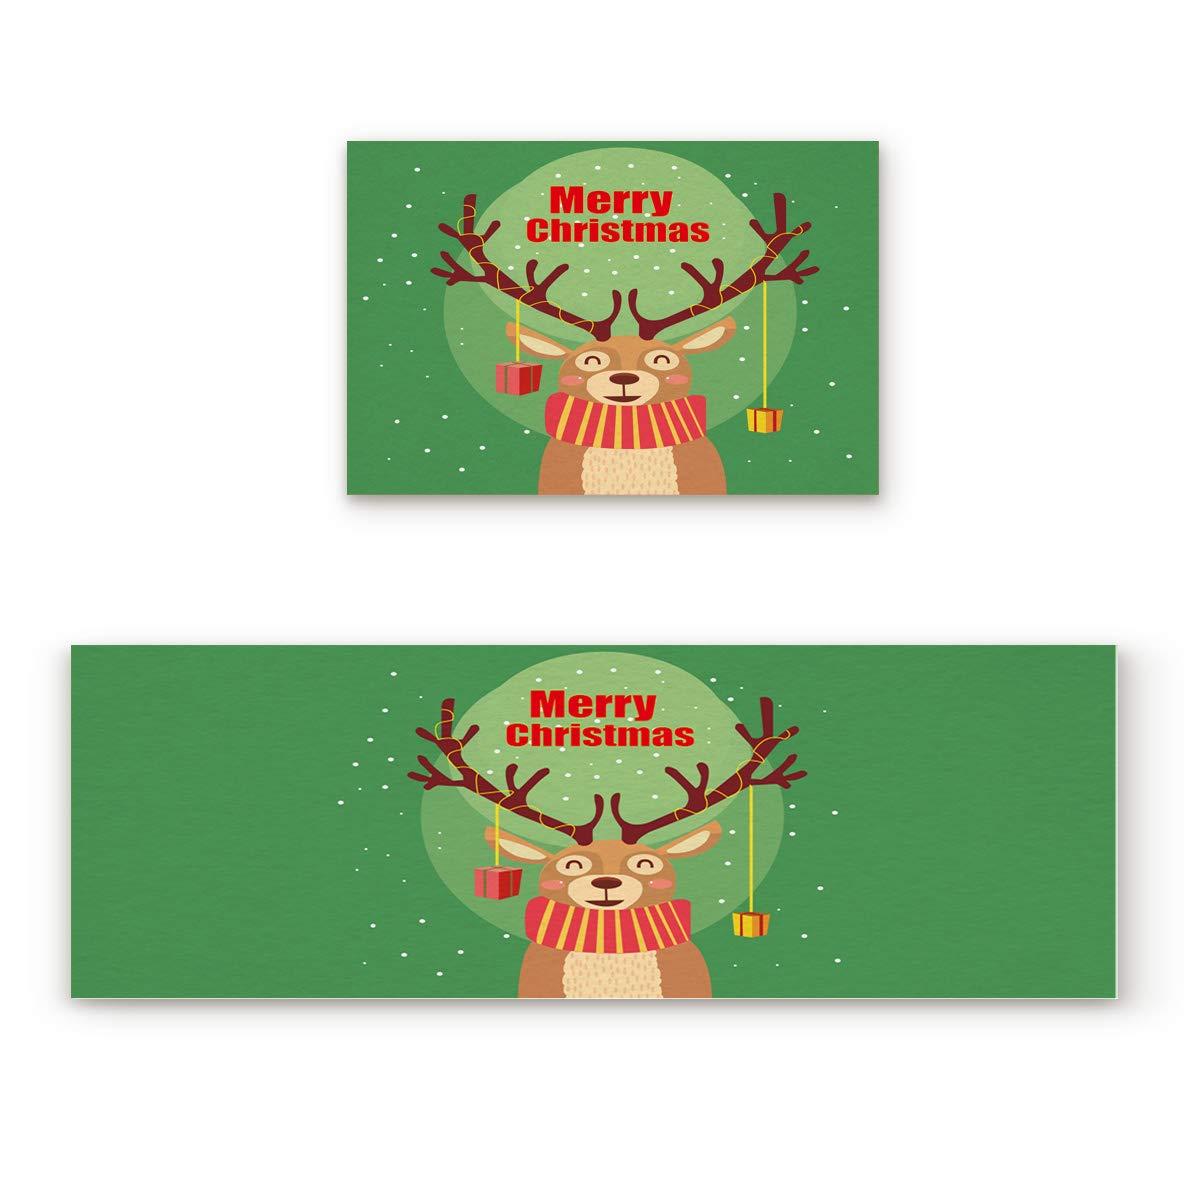 Fantasy Star キッチンラグセット 2枚 フロアマット メリークリスマス トナカイドアマット ノンスリップゴム裏地エリアラグ 洗濯可能カーペット 内側ドアマットパッドセット 23.6